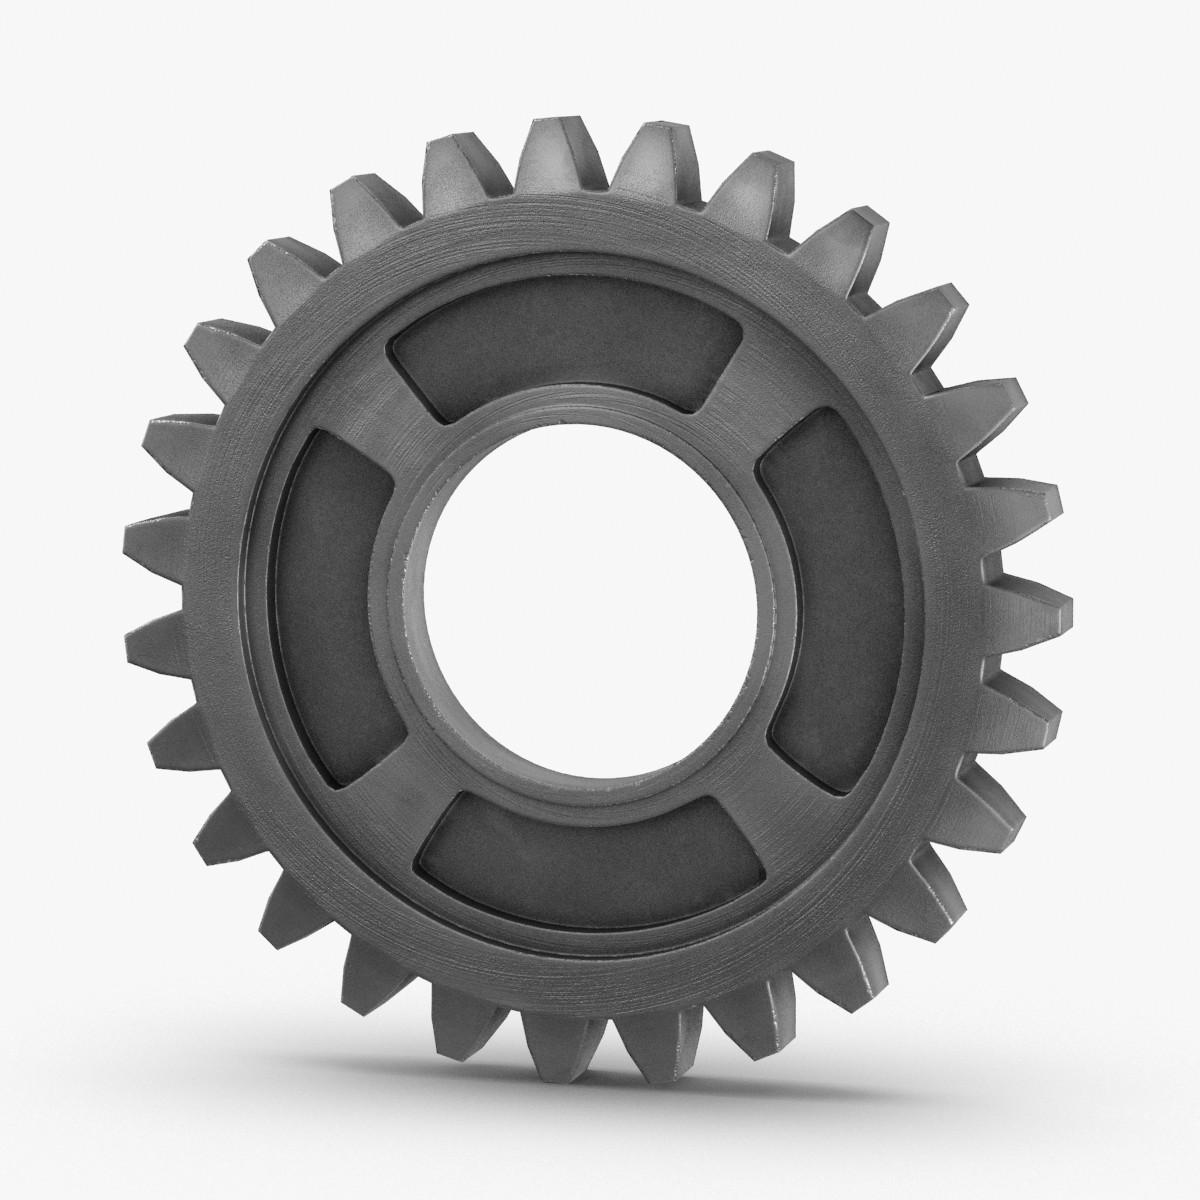 gears---gear-27 model